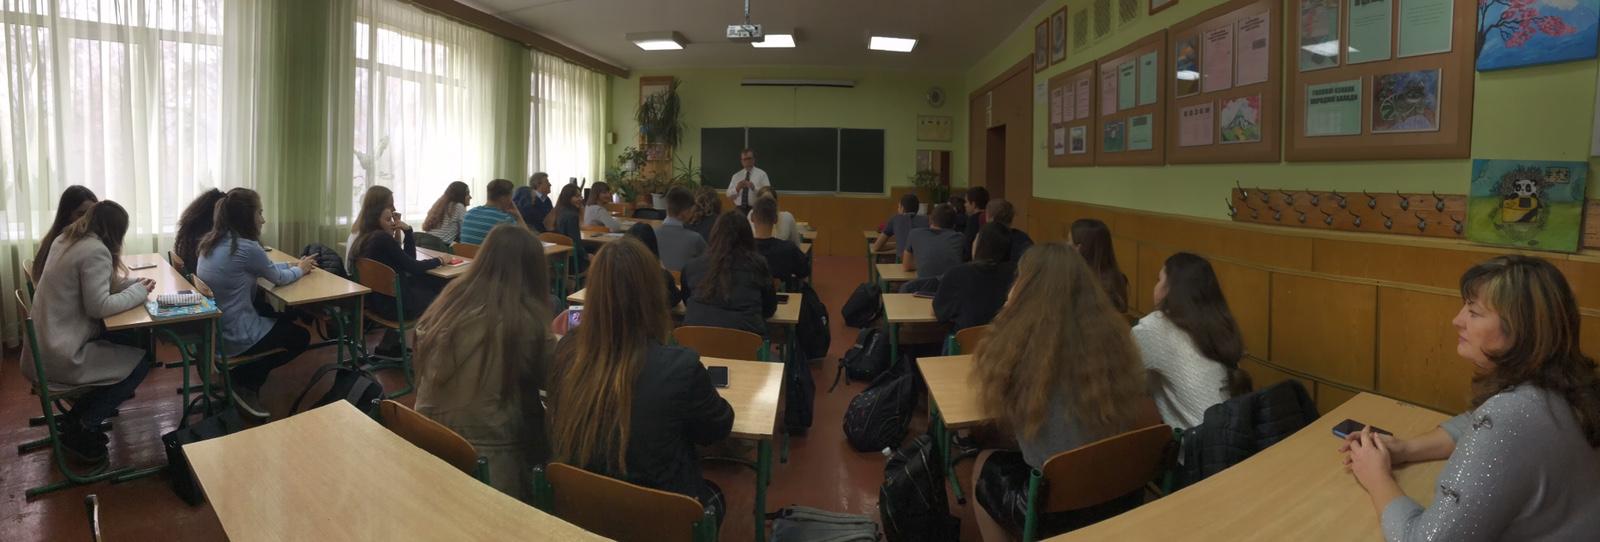 yzobrazhenye_viber_2019-10-22_15-08-334 Учні шкіл Броварів зустрілися з представником американського міста-побратима Рокфорда